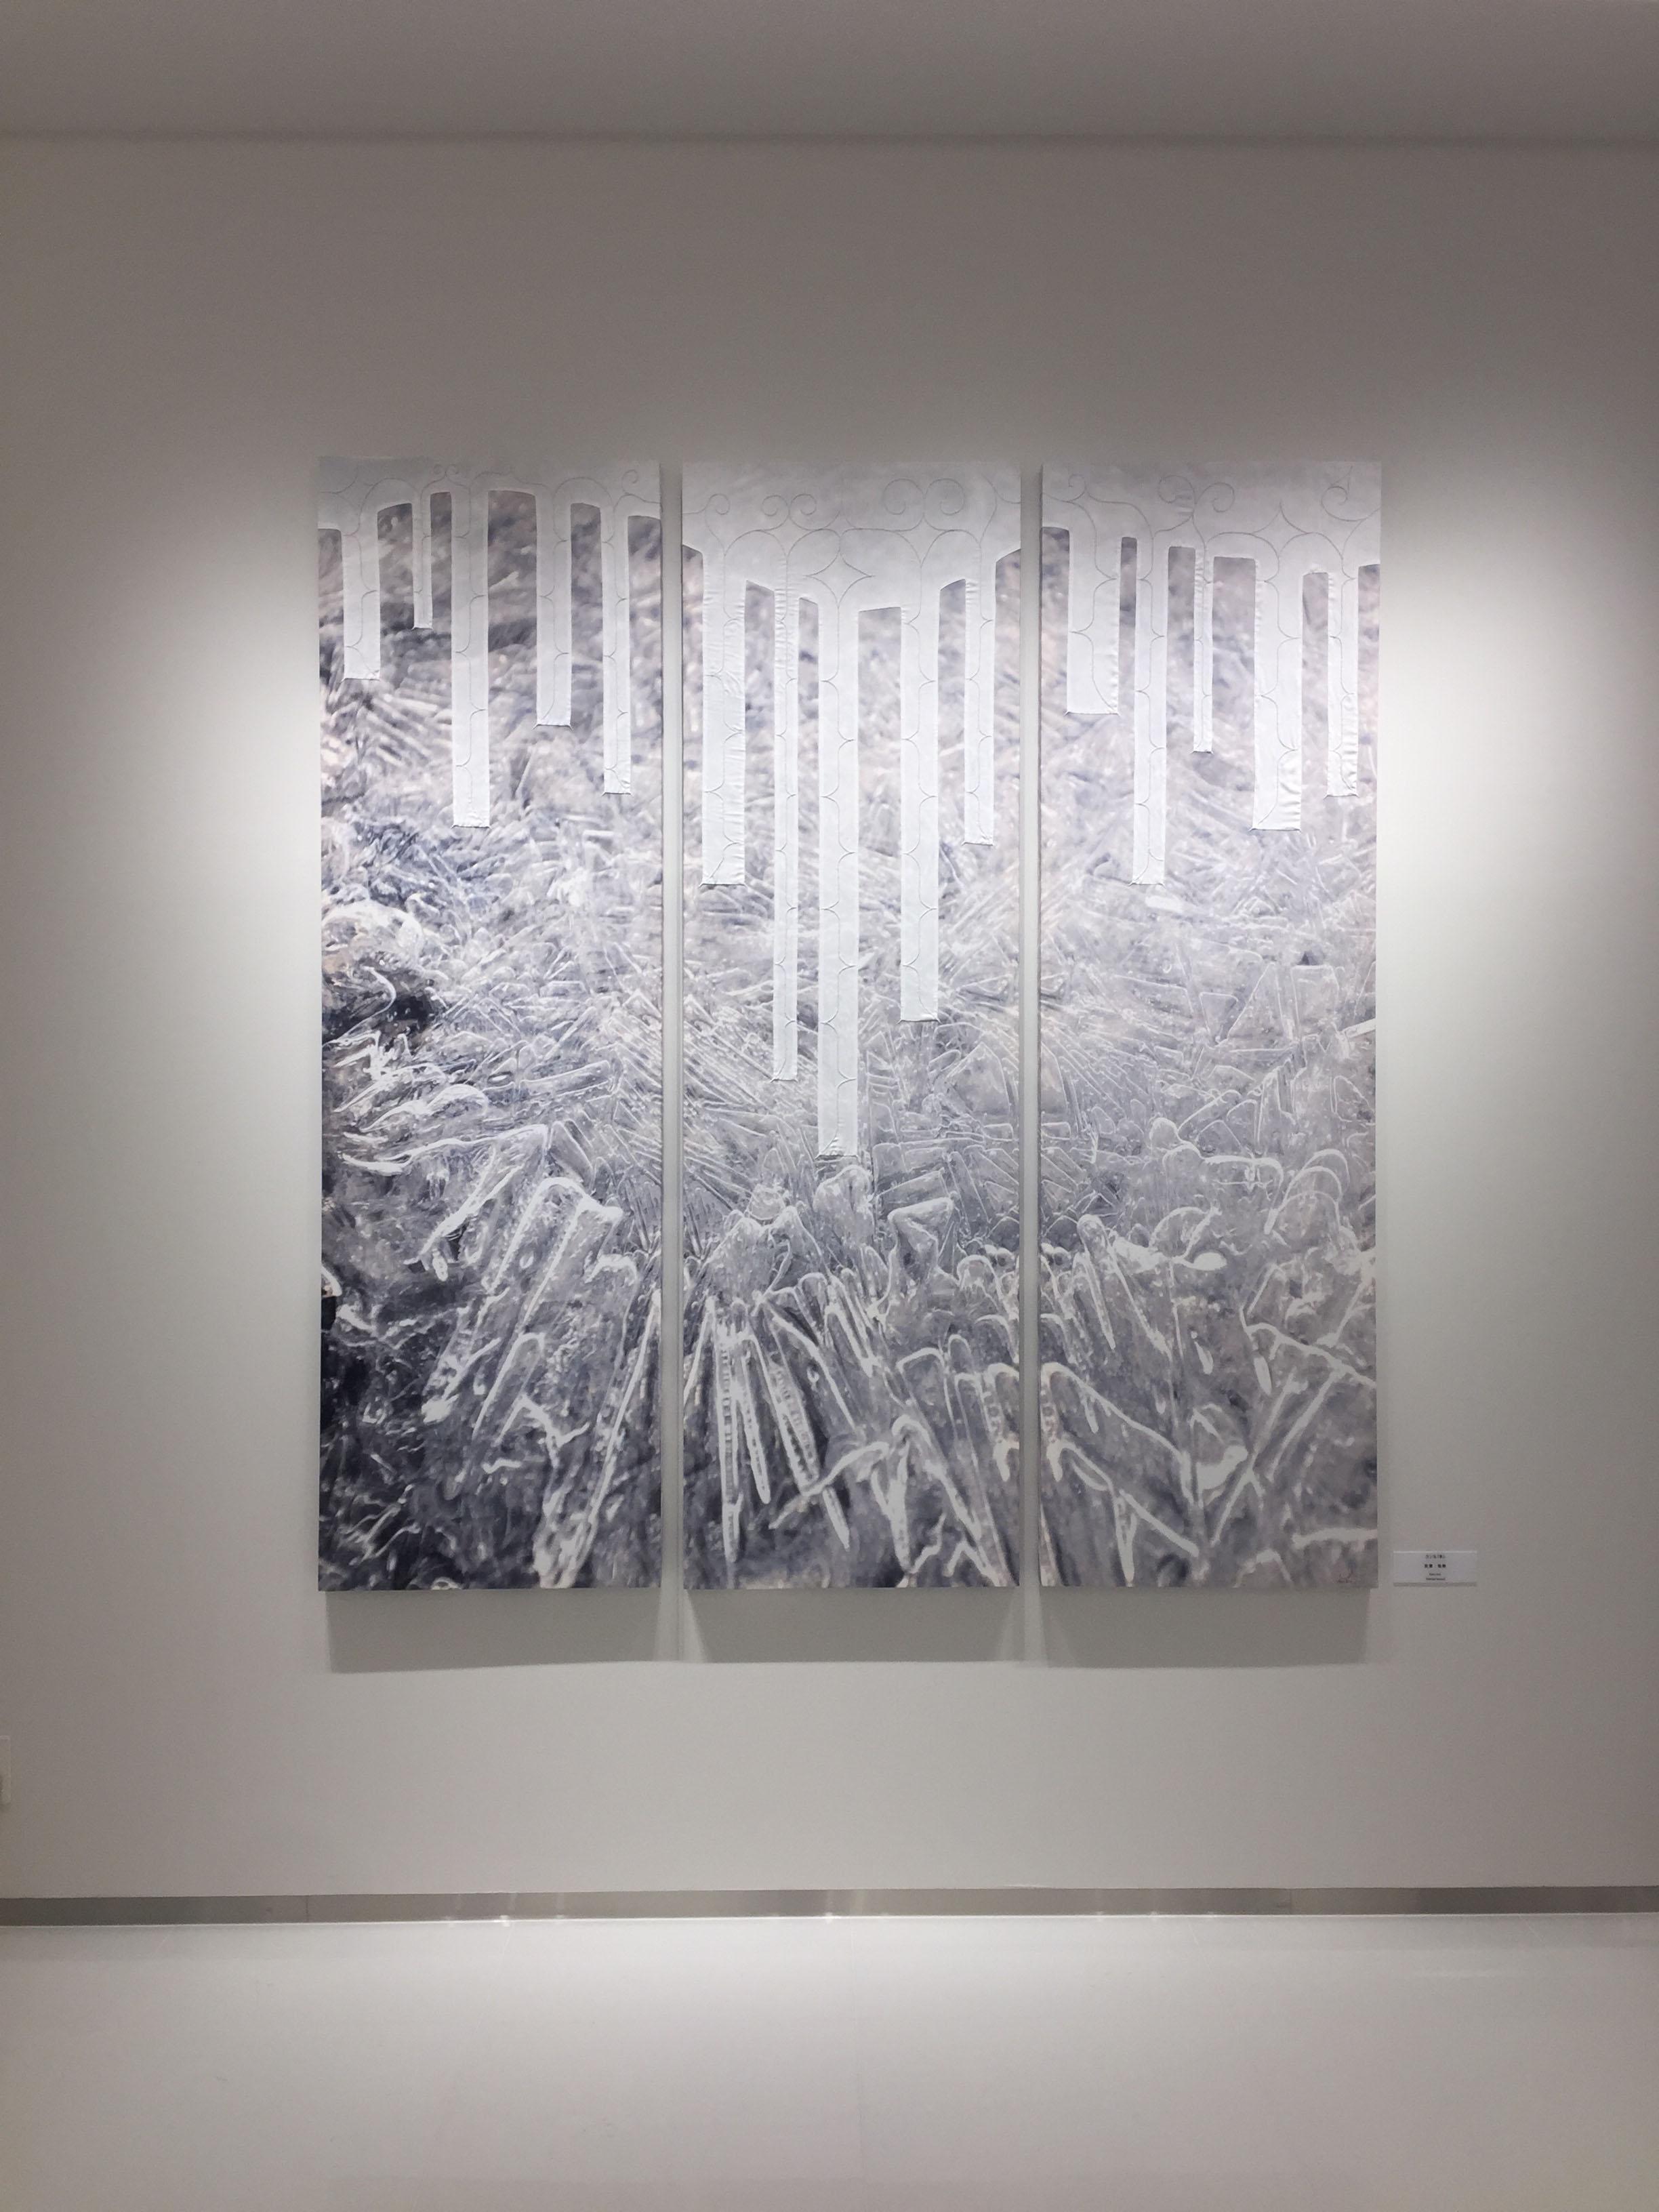 新千歳空港国際線ラウンジに飾られた作品『Konru(氷)』